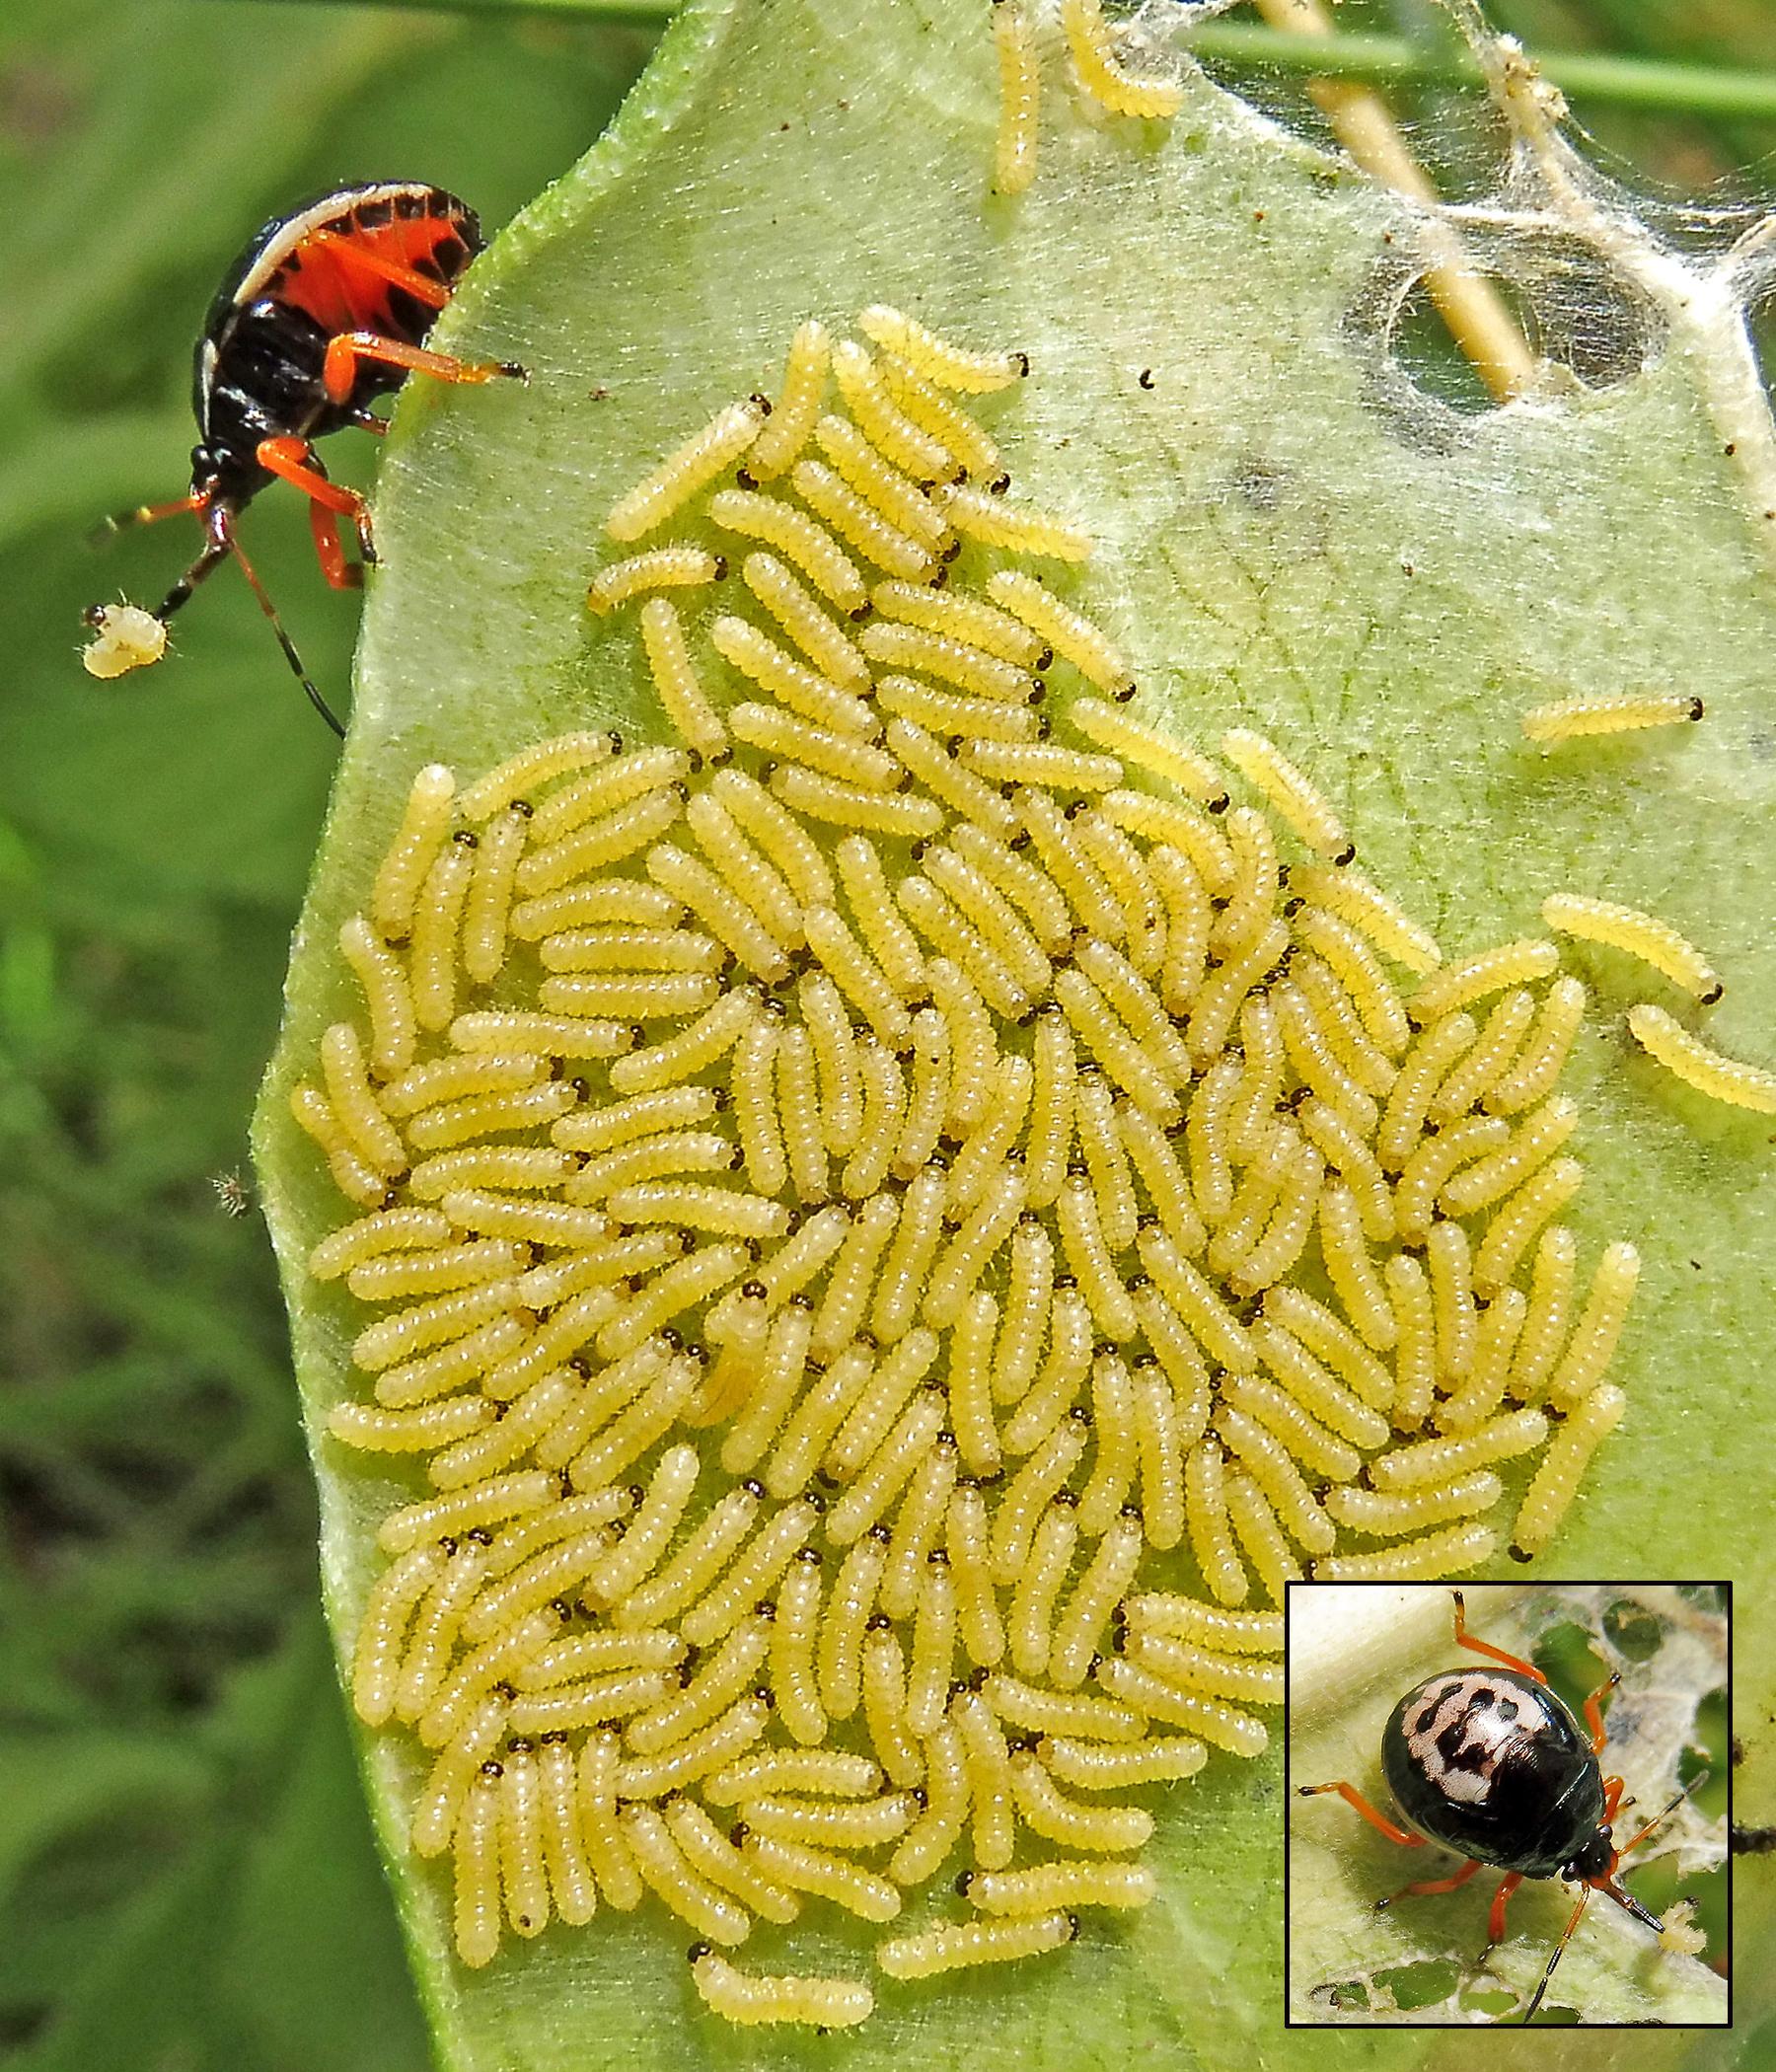 8-7-17 milkweed tussock moth larvae, first instar and (3) (003)